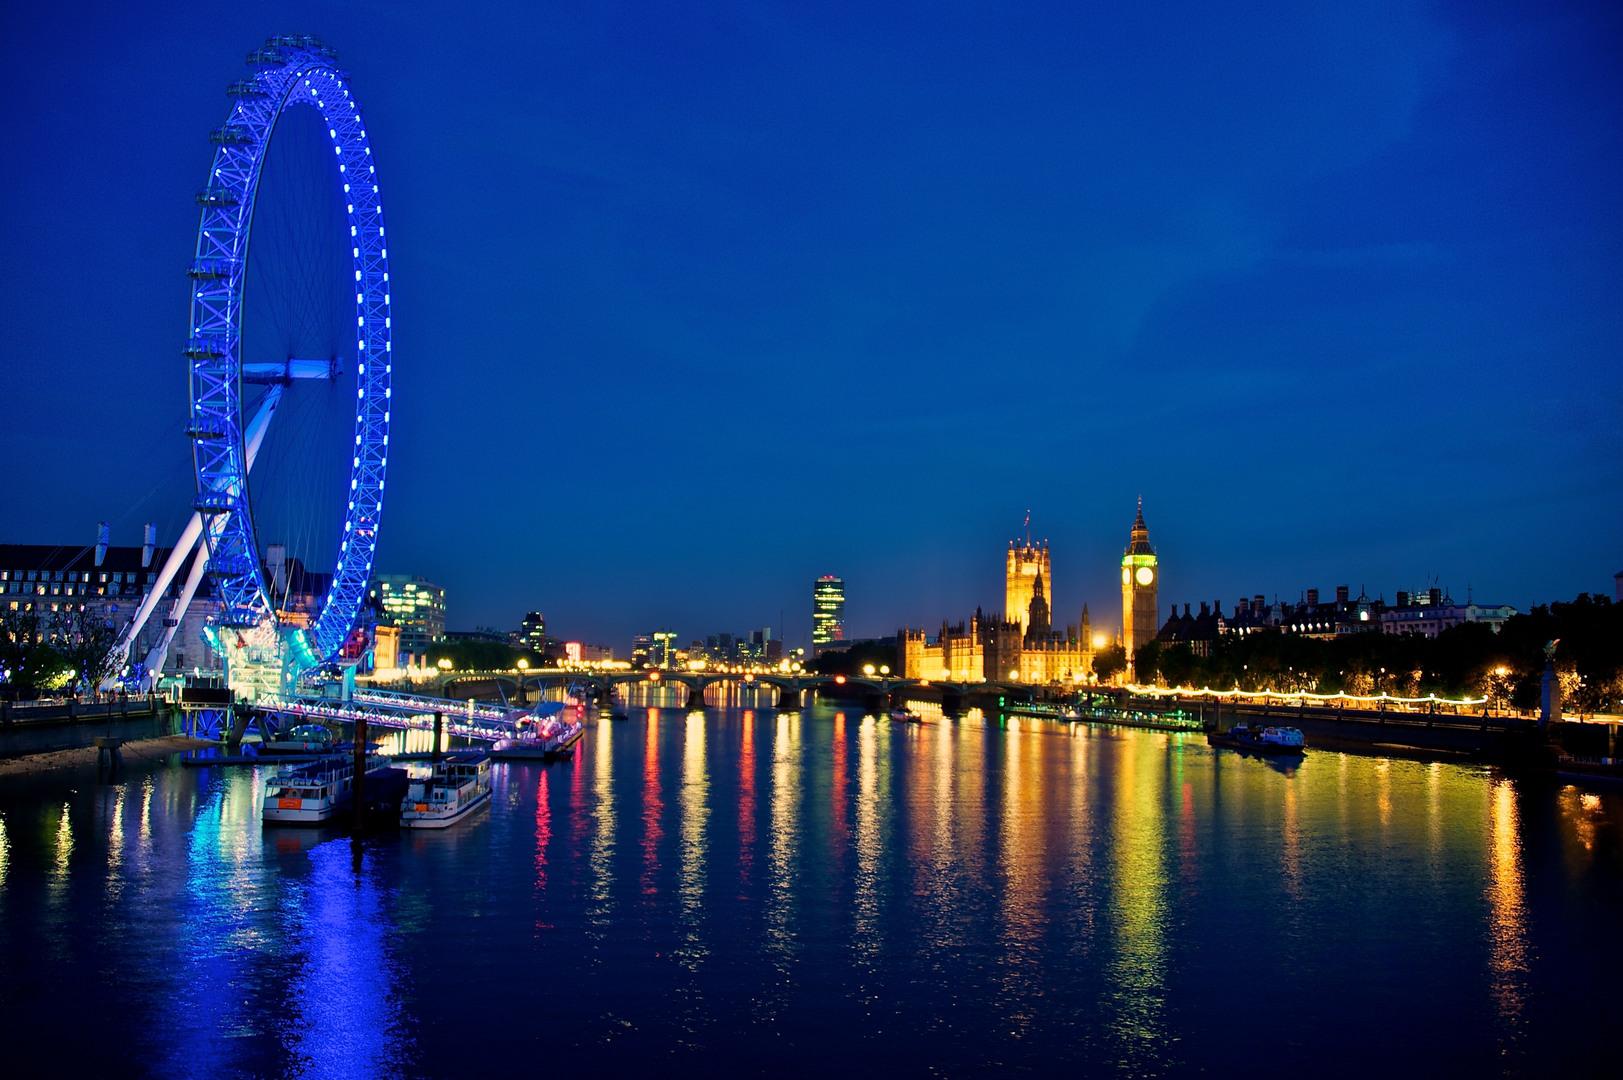 Vista noctura del London Eye, Palacio de Westminster y Big Ben